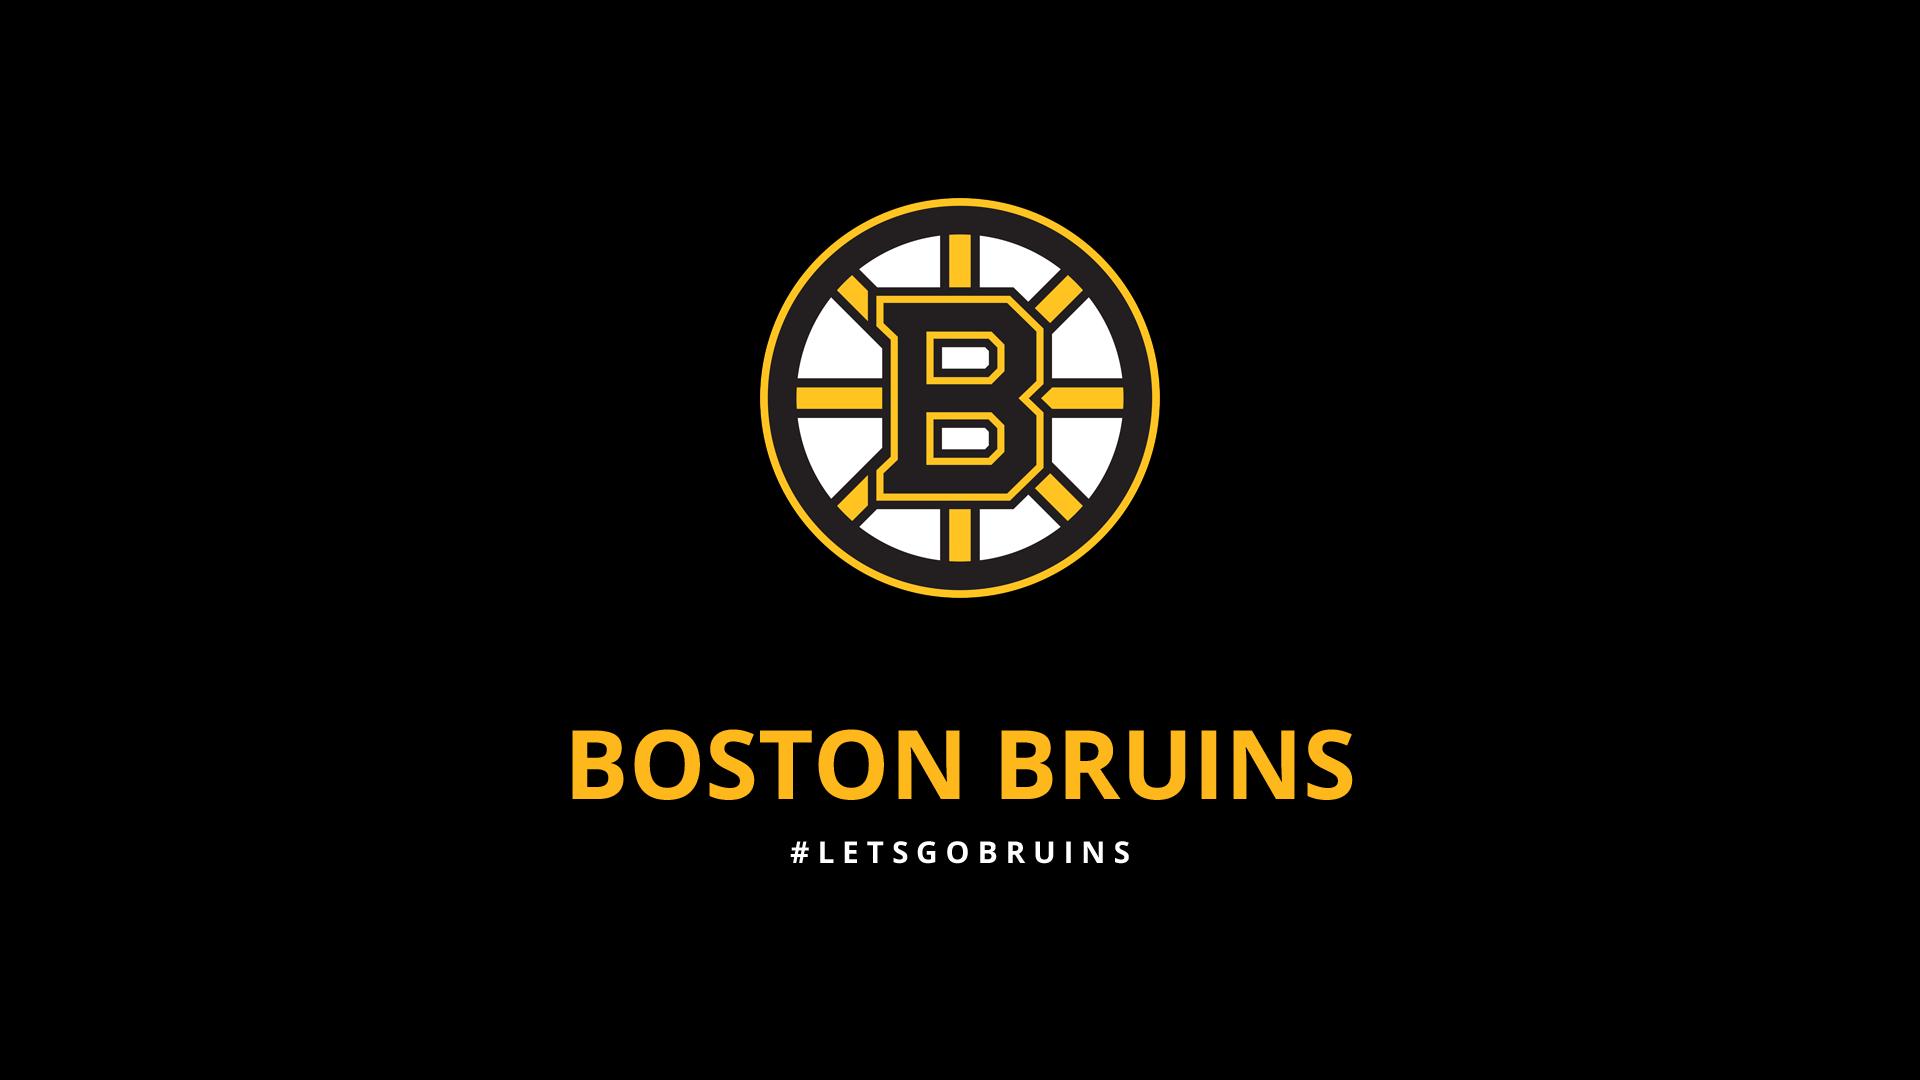 Boston Bruins Wallpapers Wallpaper 3D Wallpapers Pinterest